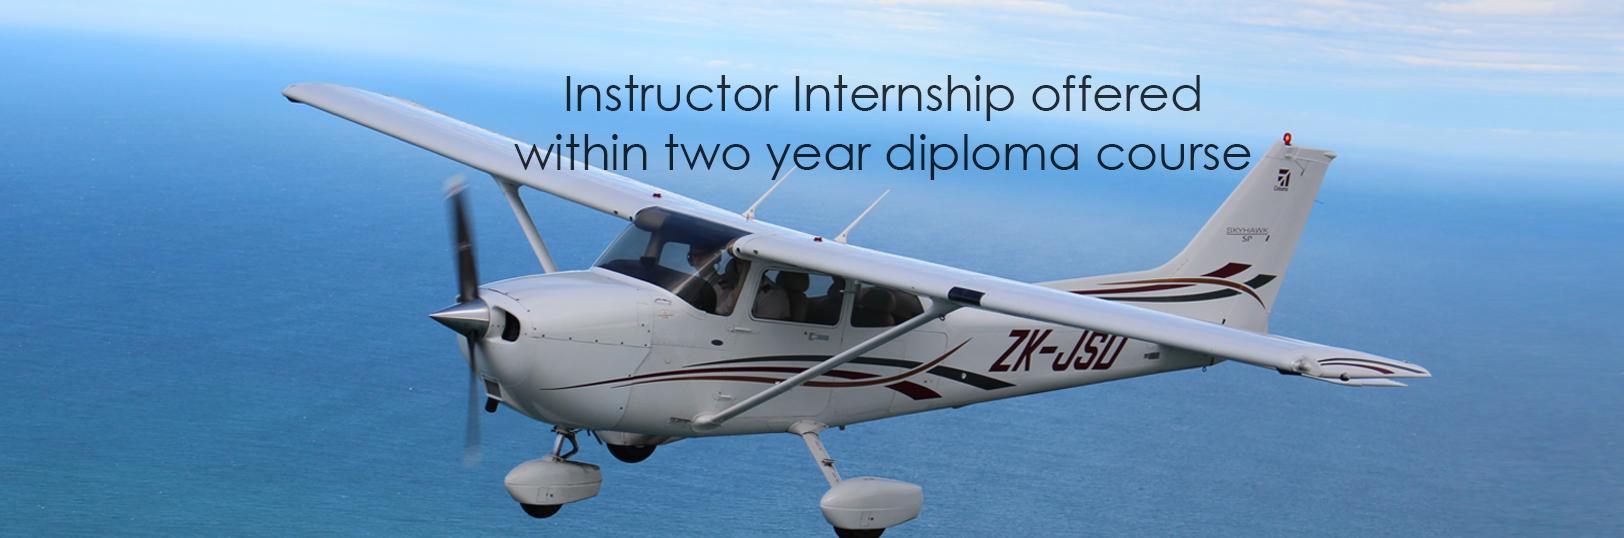 Instructor Internship Offer